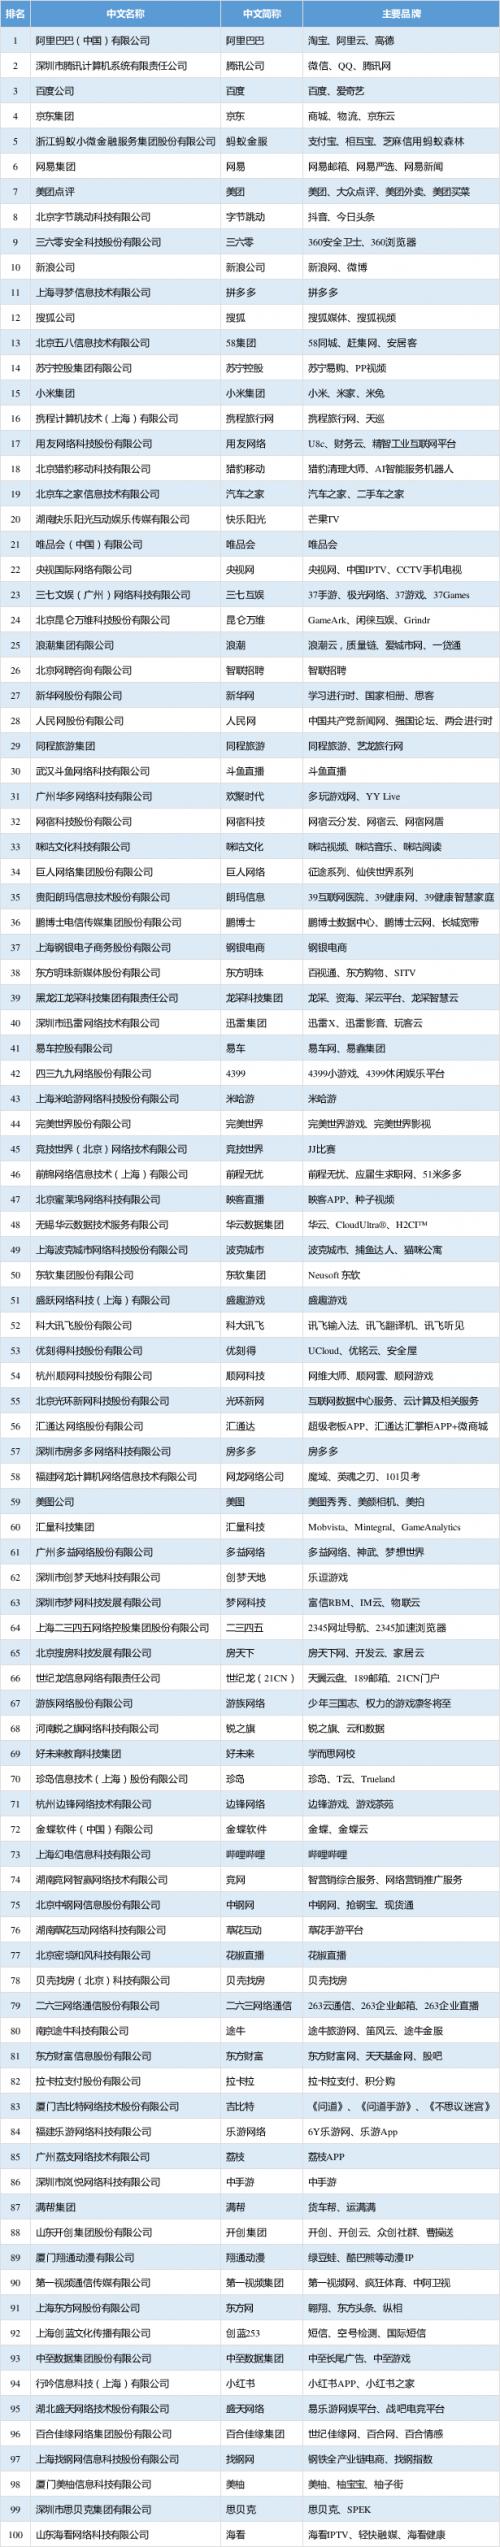 互联网企业100强完整名单都有哪些 2019年互联网发展前景如何?